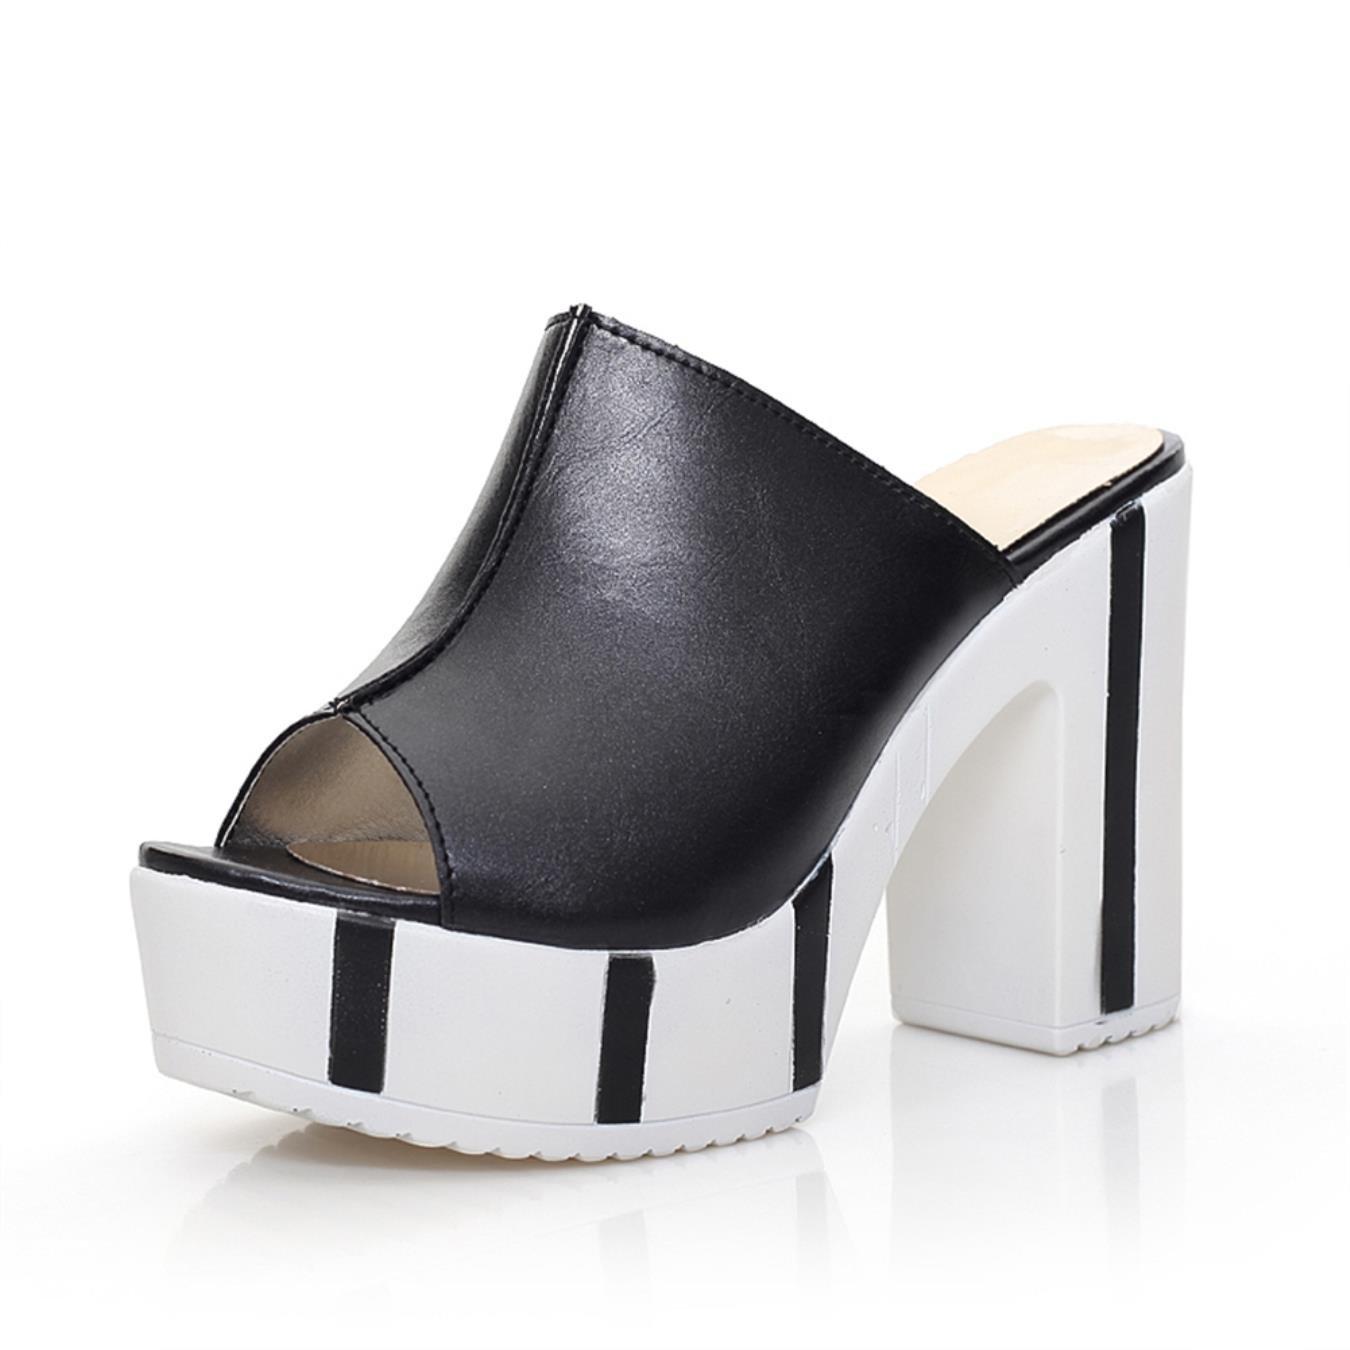 Design Mixed Colors Fashion Platform Women Shoes Summer Shoes